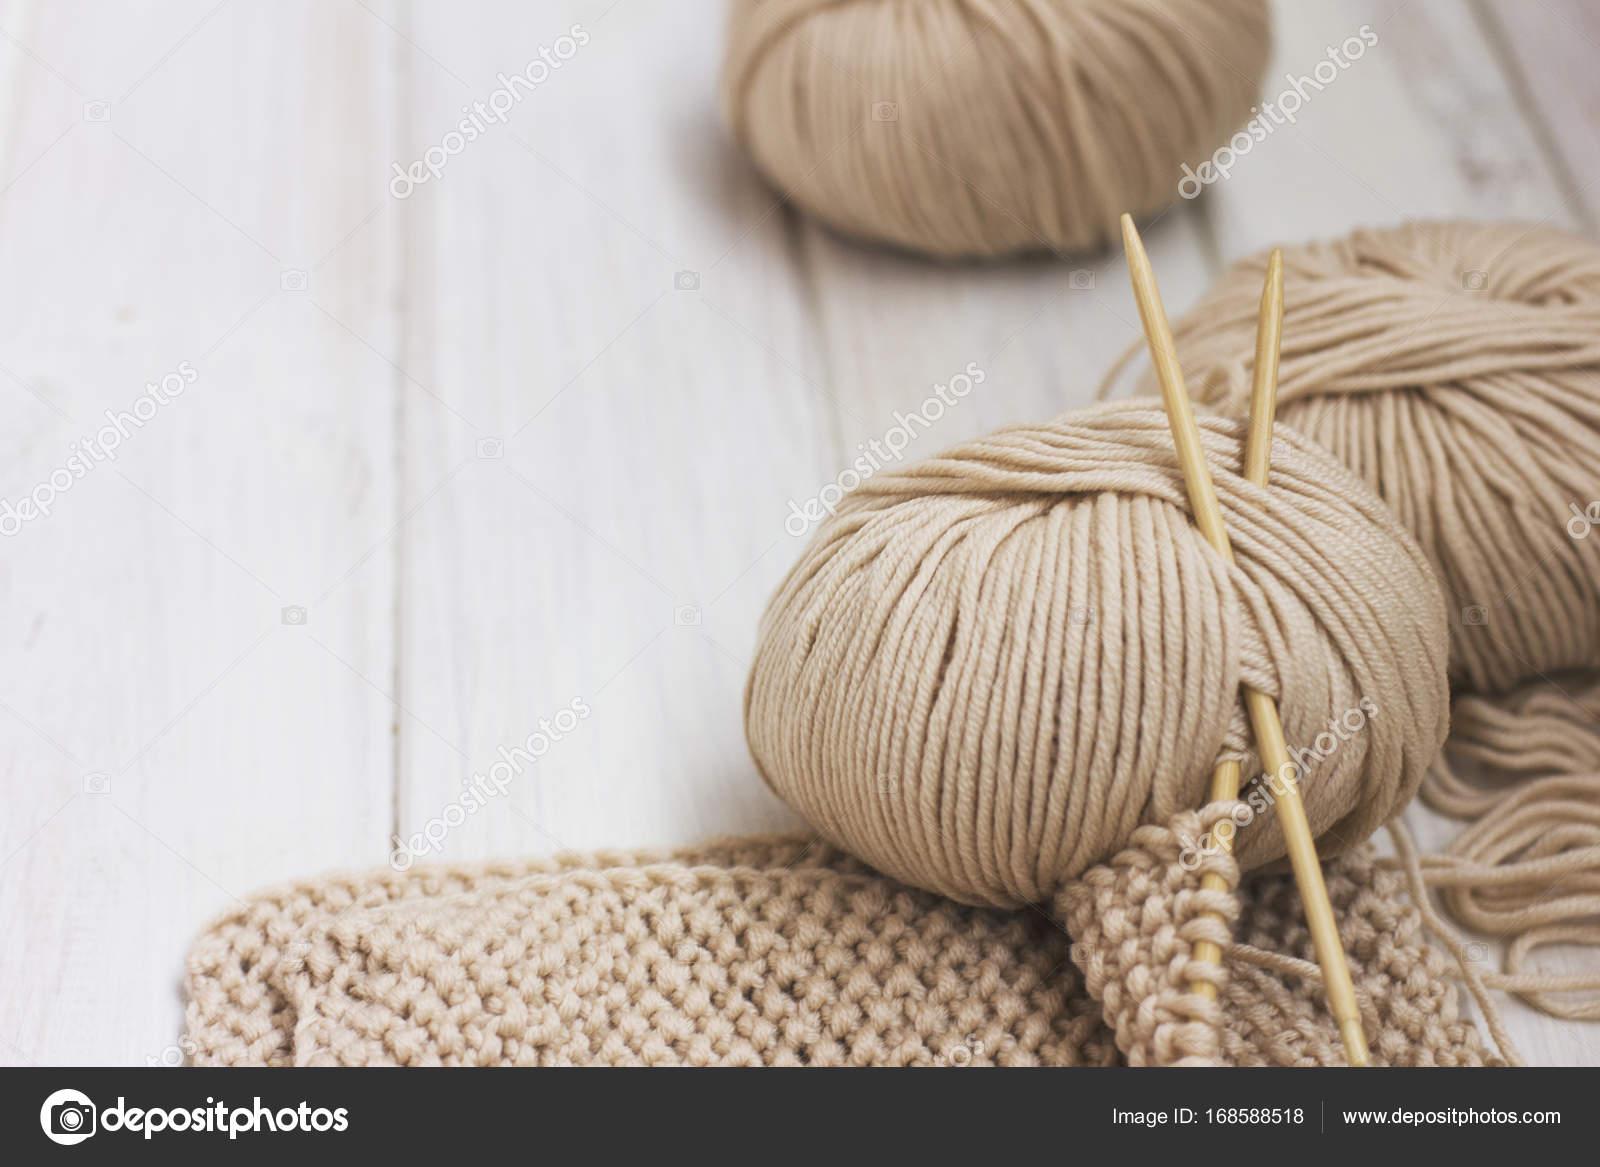 Beige Merino Garn Mit Bambus Stricknadeln Auf Weissem Holz